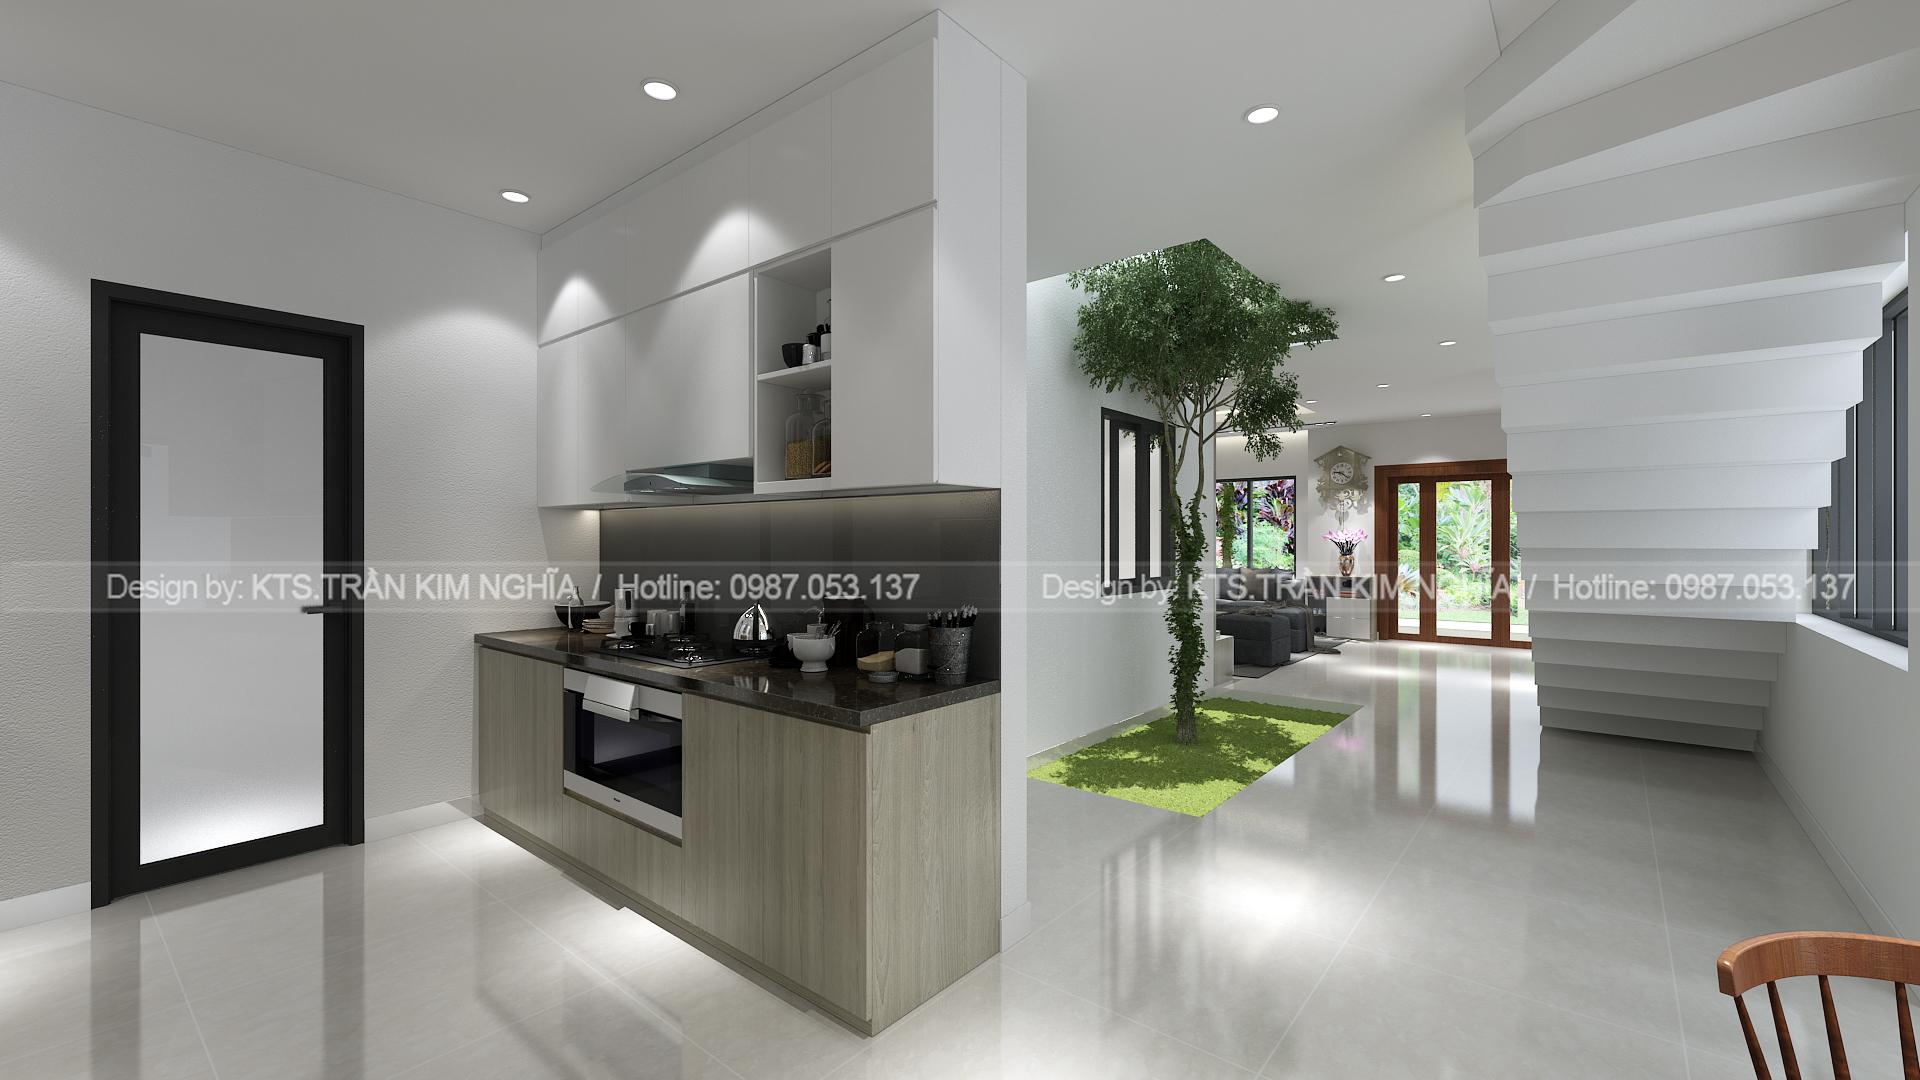 thiết kế nội thất Nhà tại Bắc Giang NAMHOUSE 8 1562404073